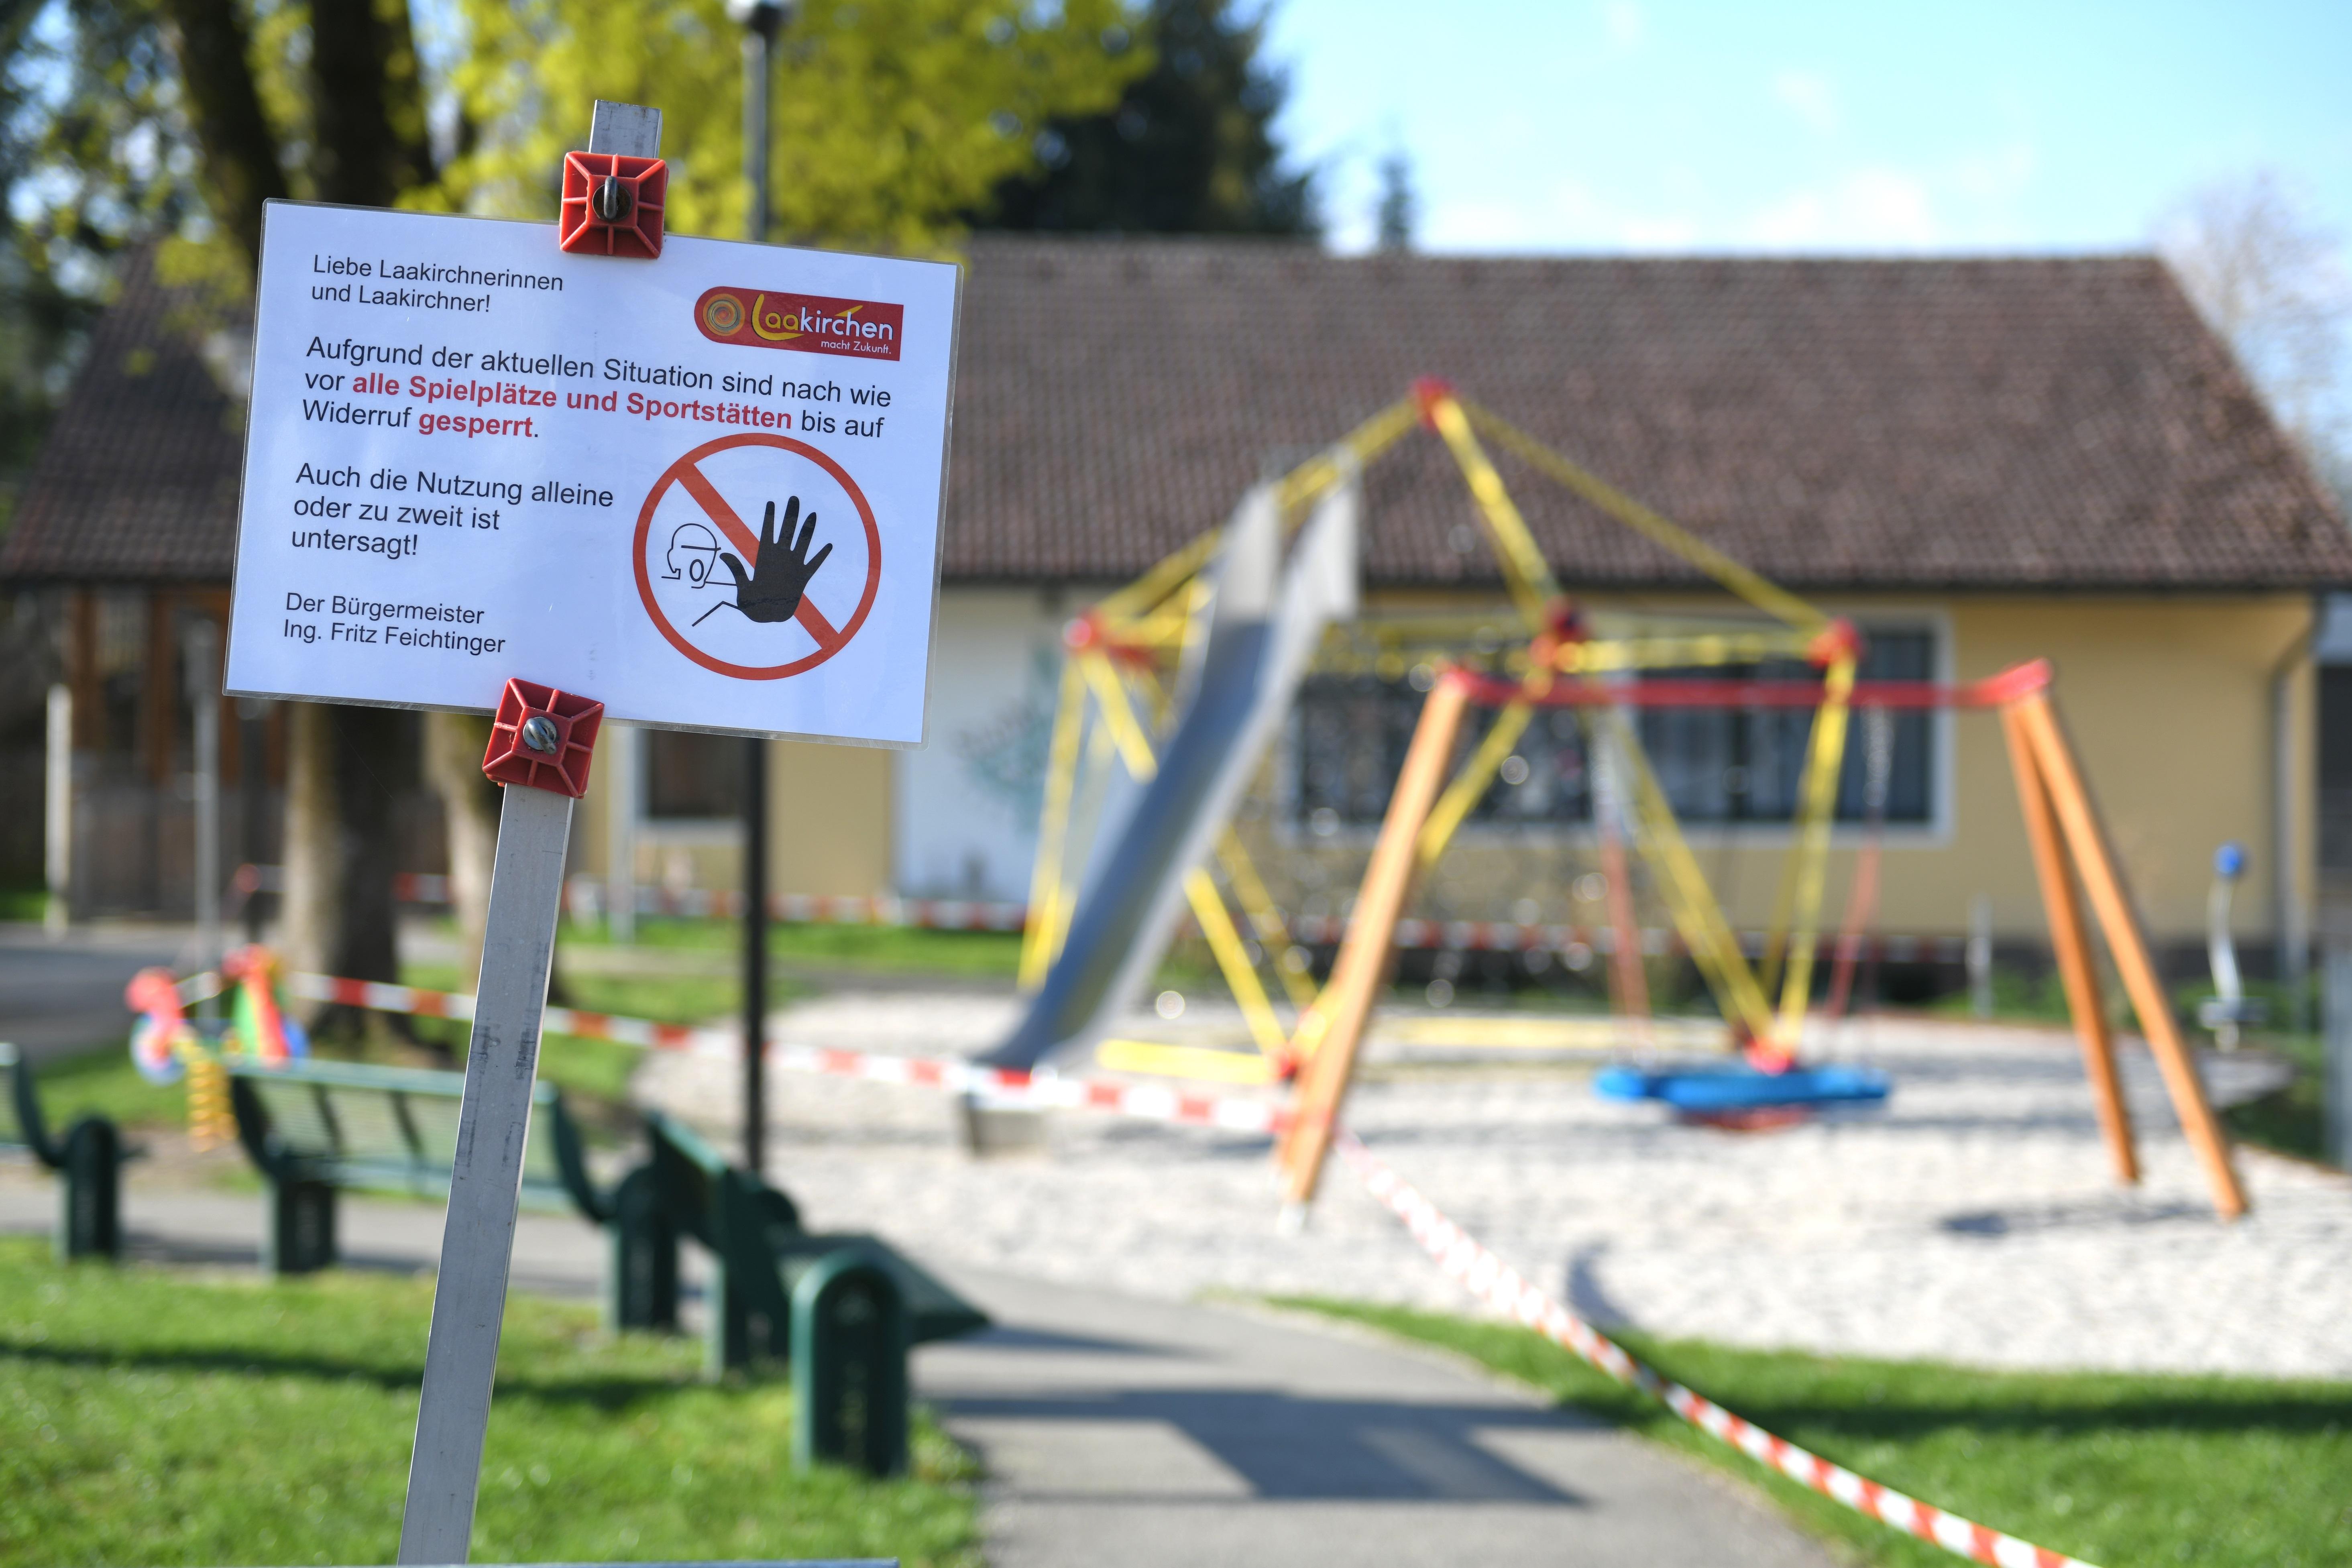 Alltag in Corona-Zeiten: geschlossene Spielplätze und Kindertagesstätten (Foto: Pixabay)